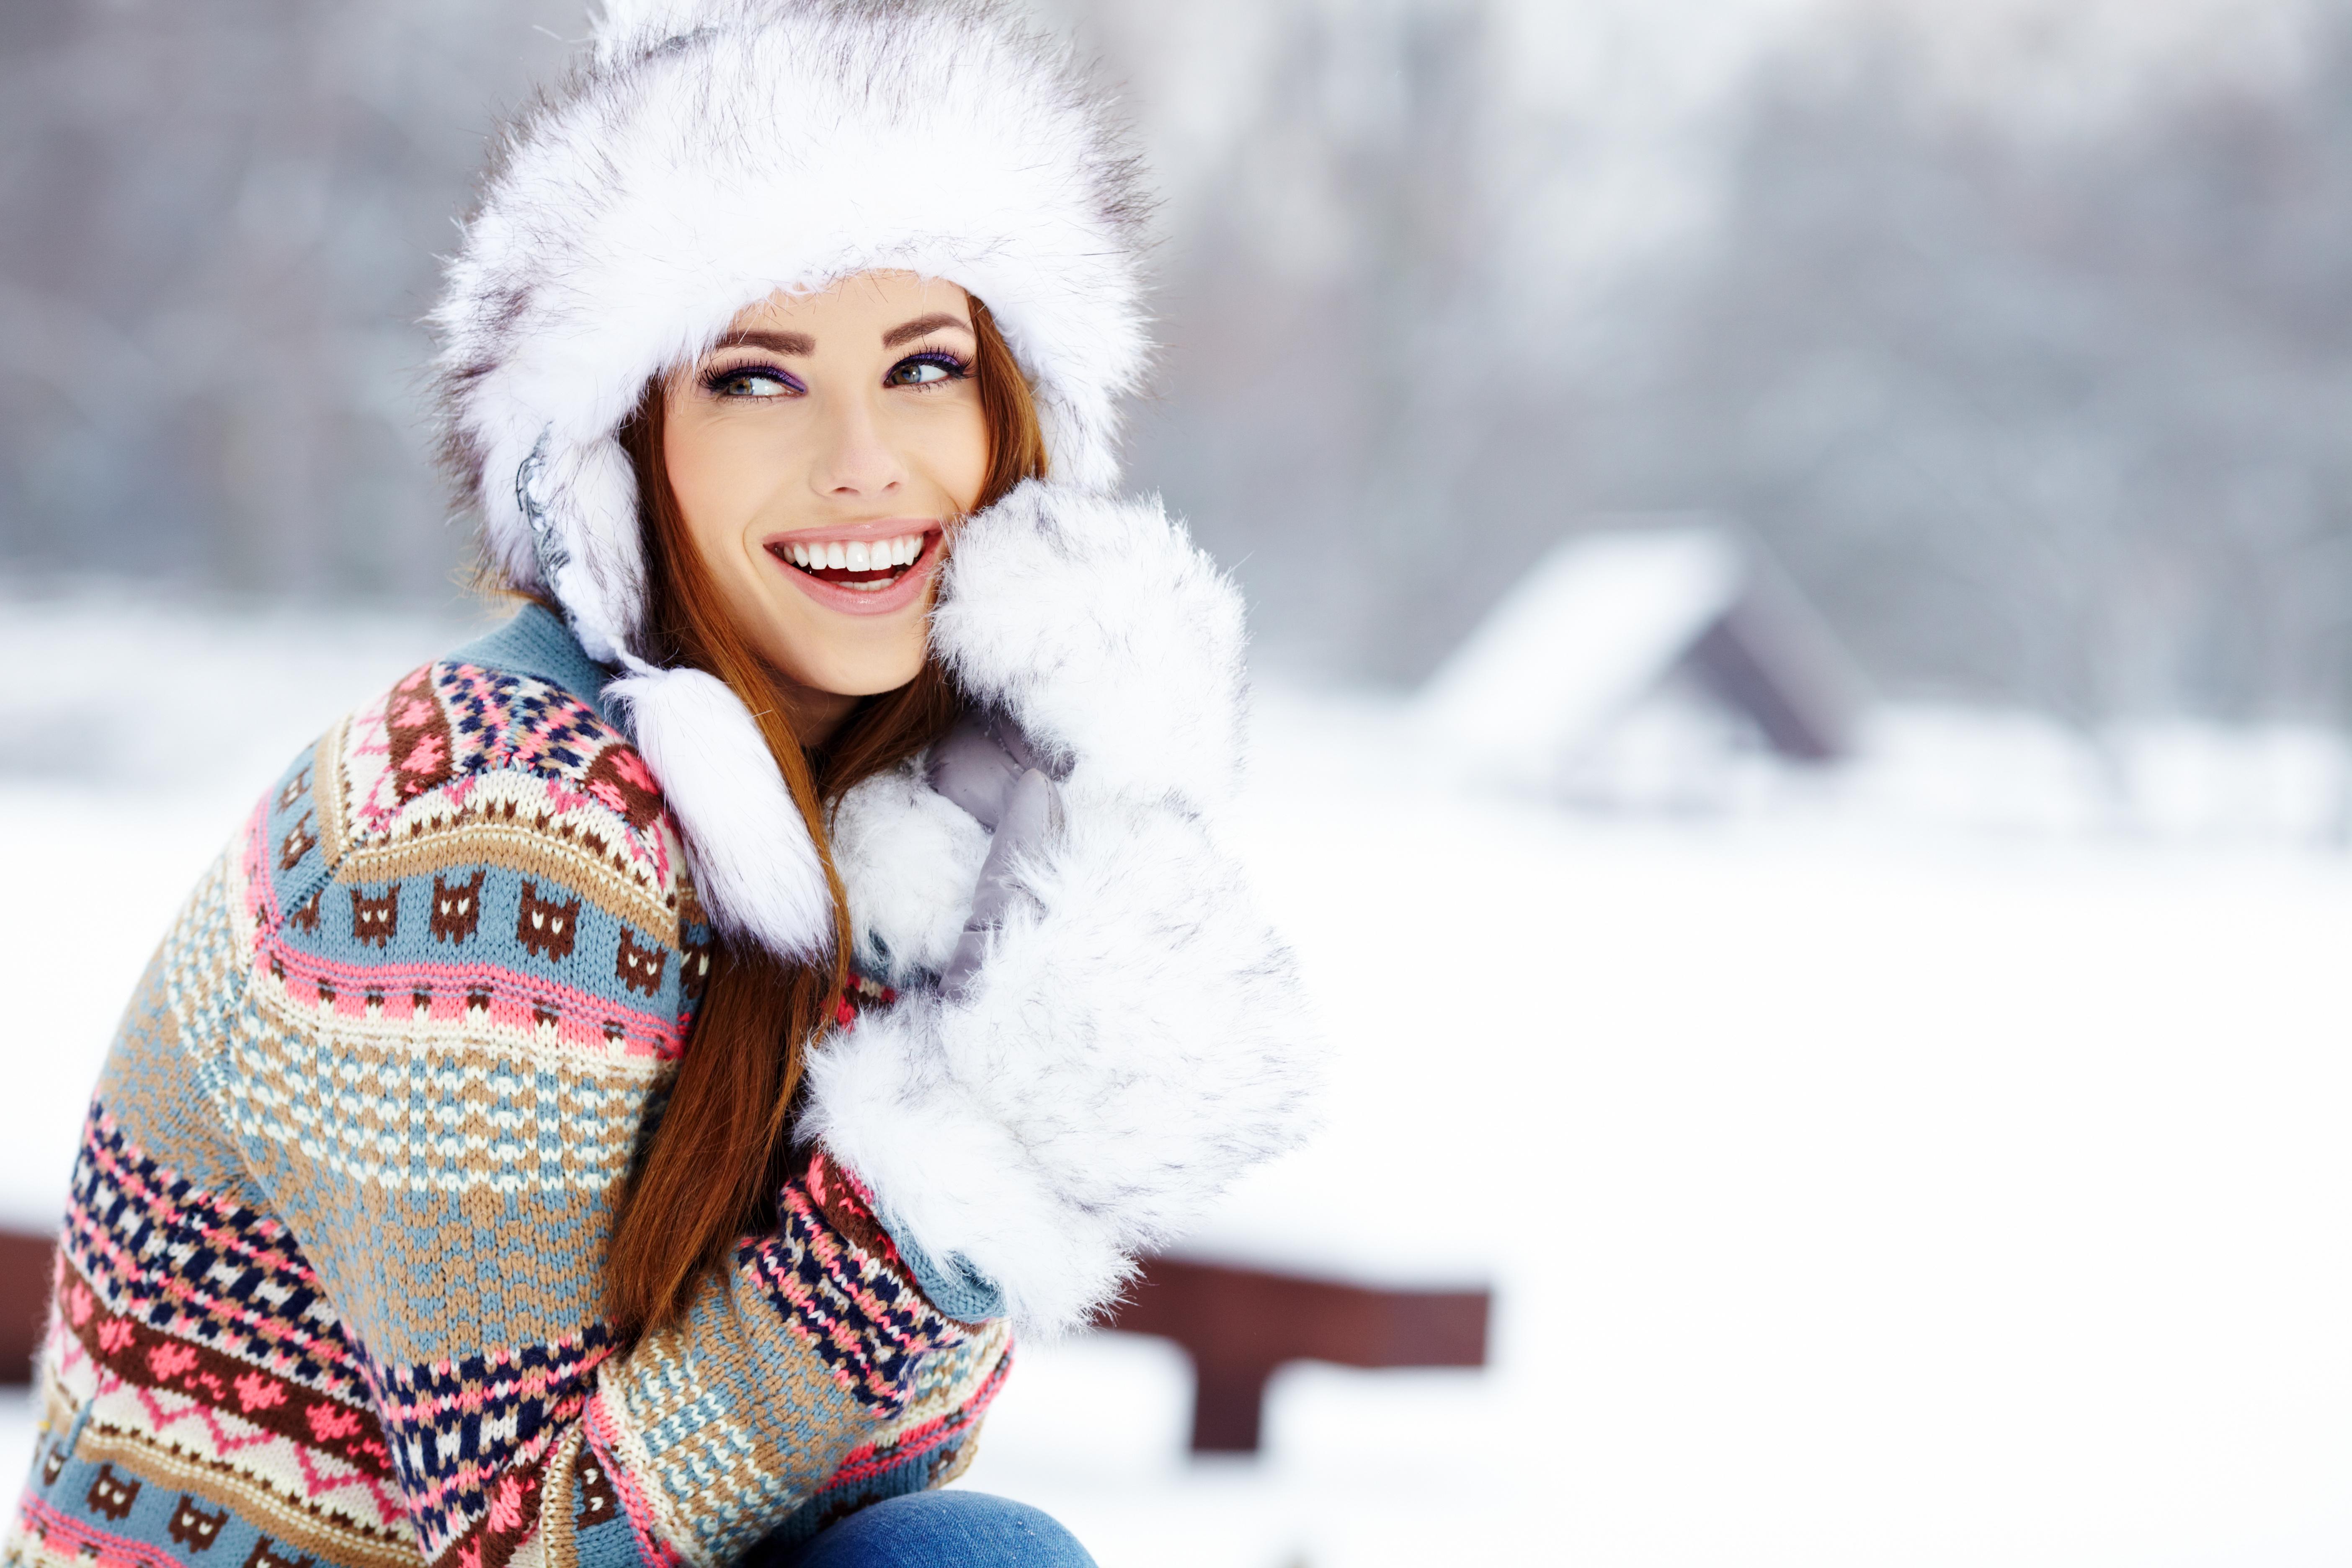 520947_vzglyad_sneg_rukavitsyi_zima_dom_devushka_shapka_s_5616x3744